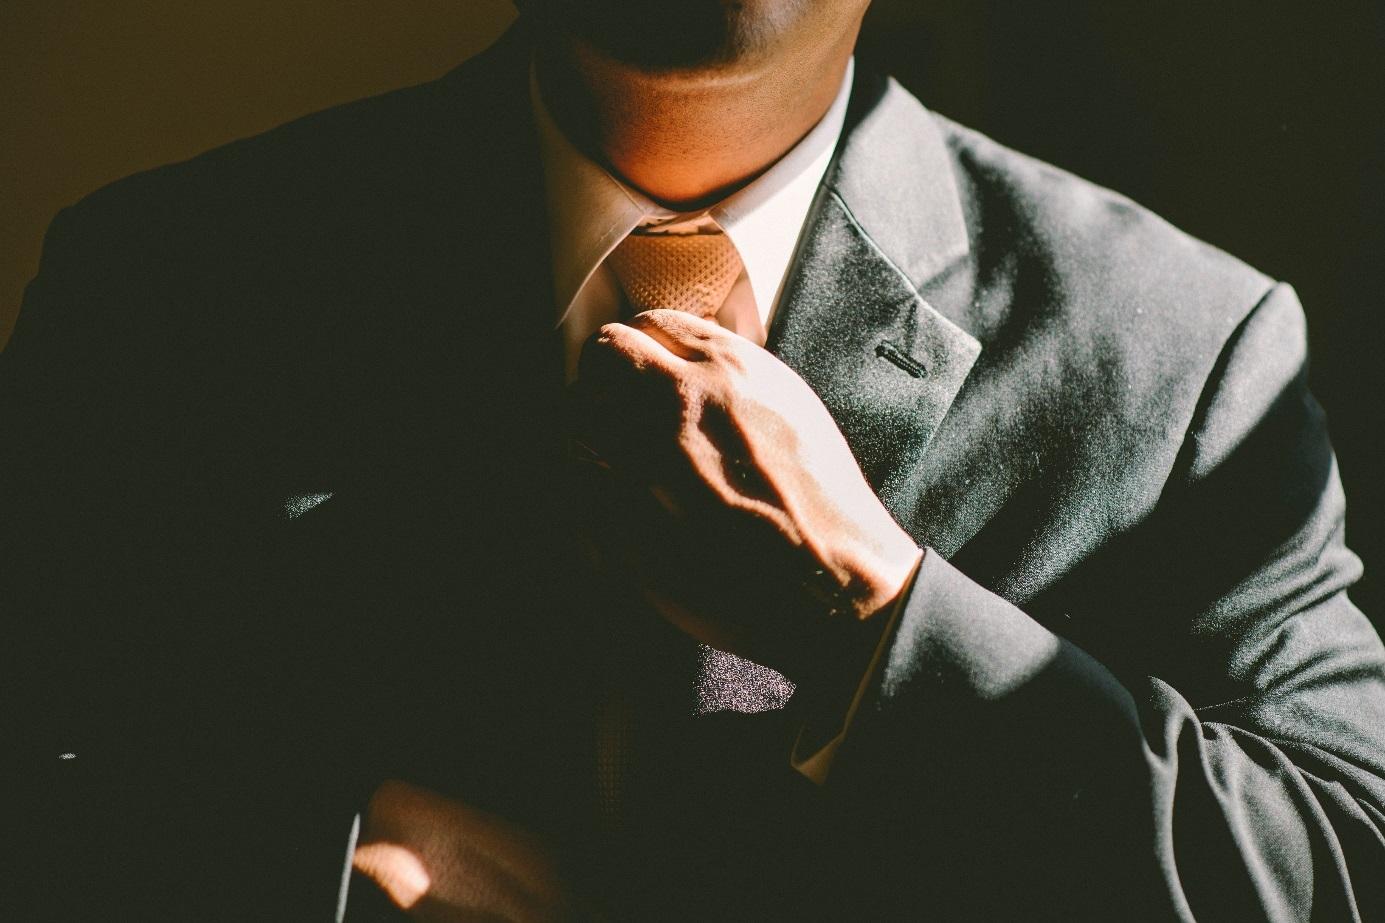 Mann schiebt sich seine Krawatte zurecht.